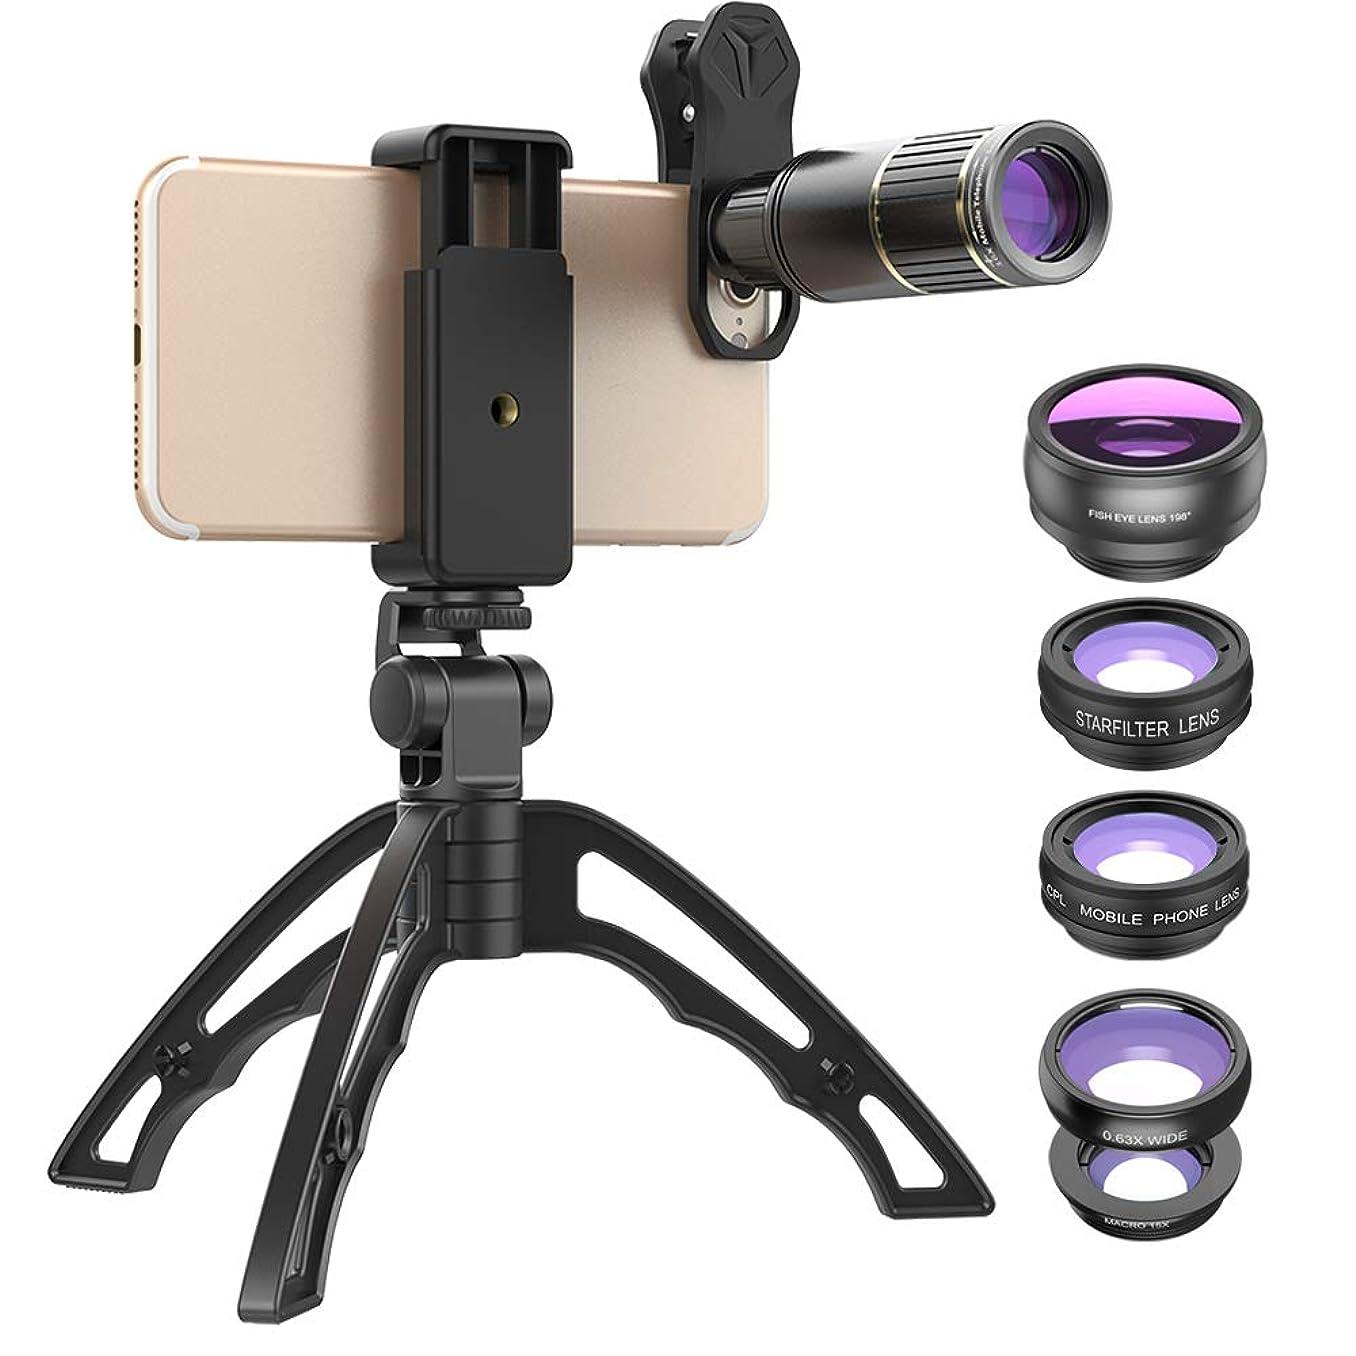 まもなく価格を必要としています6イン1スマホ望遠鏡 望遠レンズONTWIE 16倍高性能単眼鏡ズーム クリップ式カメラレンズ (全アルミニウム合金製) 魚眼レンズ 広角レンズ マクロレンズ 望遠レンズ 偏光レンズ 万華鏡レンズ スマートフォン全機種対応 装着簡単 三脚&携帯収納ケース付き お誕生日、クリスマス、ハロウィンのプレゼント